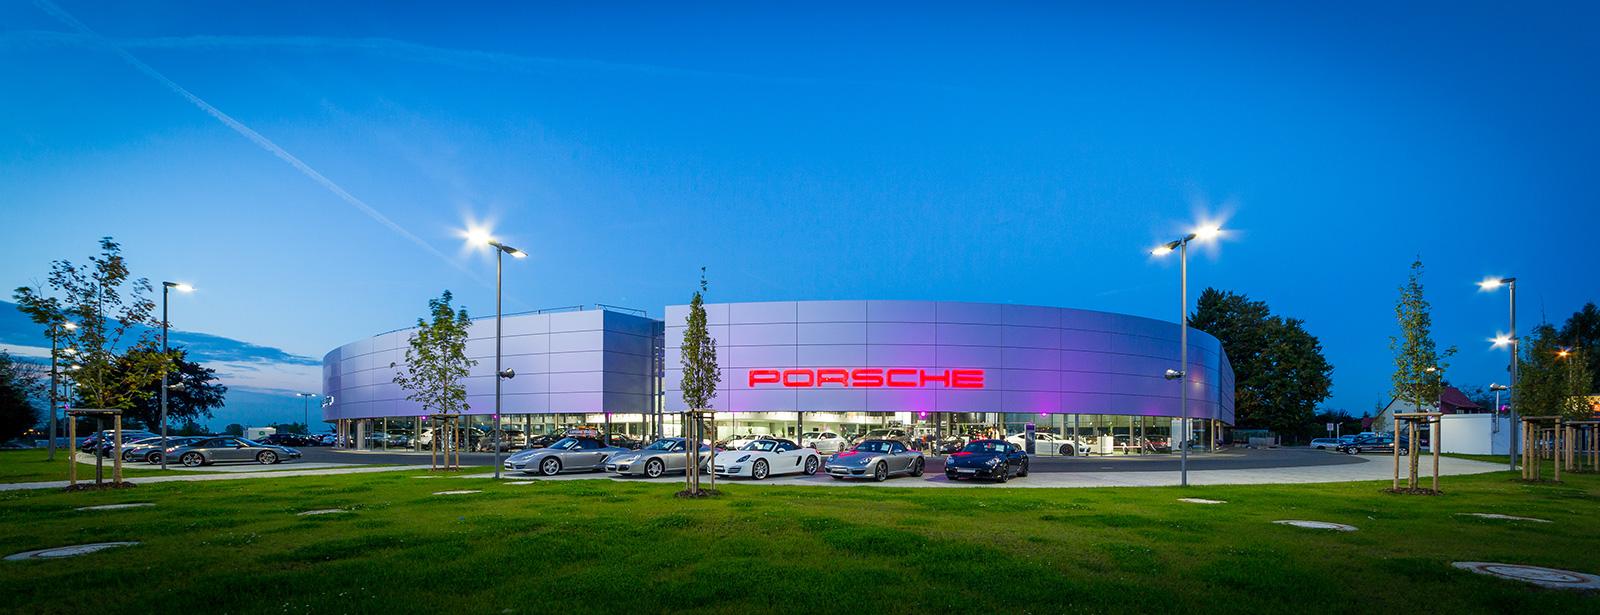 Porsche Zentrum N 252 Rnberg 187 Herzlich Willkommen